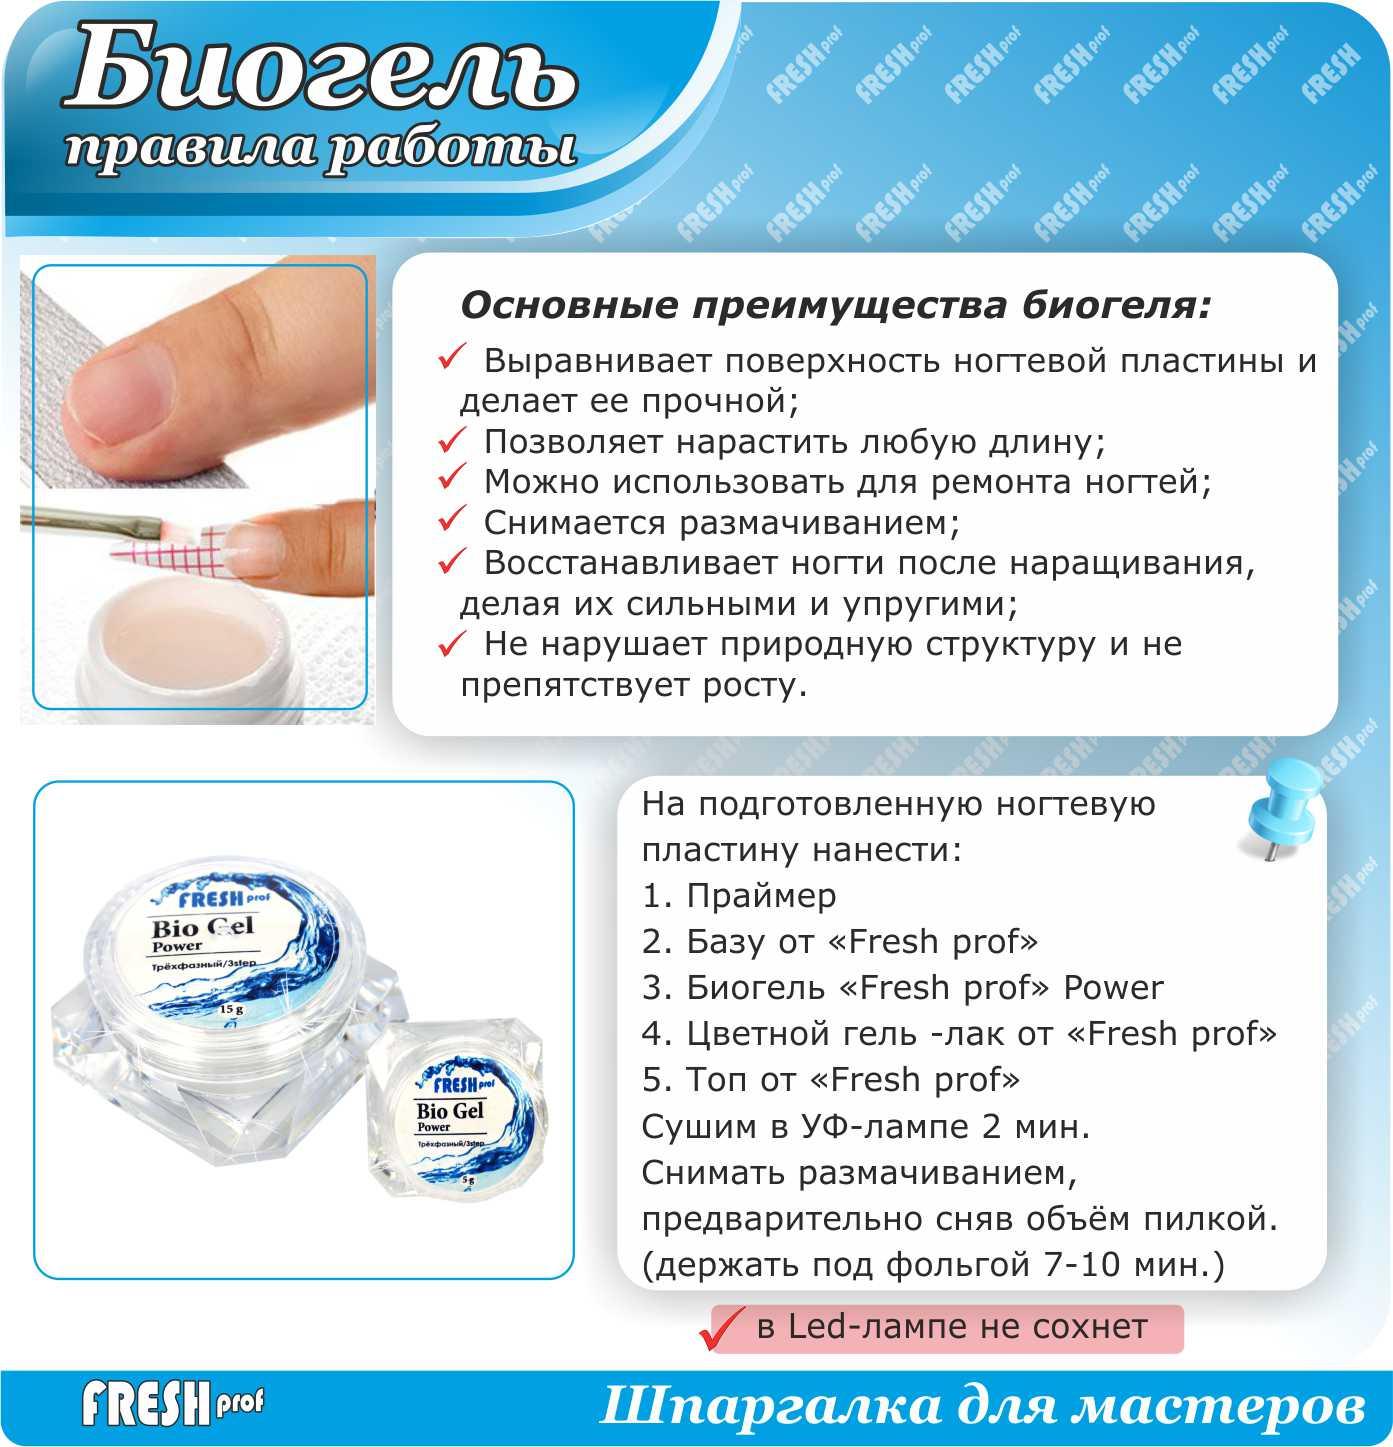 Биогель для ногтей в домашних условиях что нужно фото